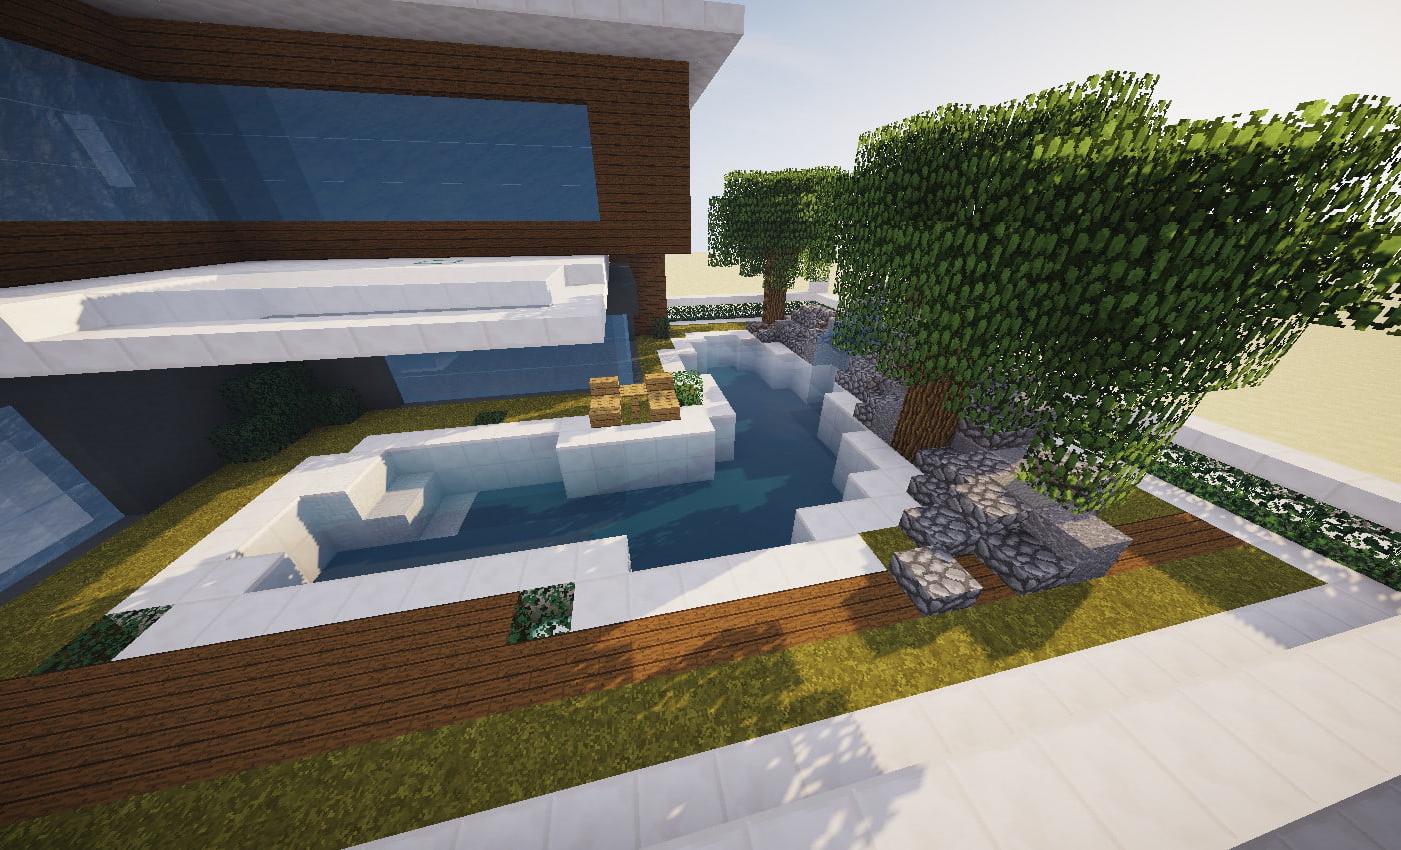 Maison moderne avec jacuzzi dans un minecraft